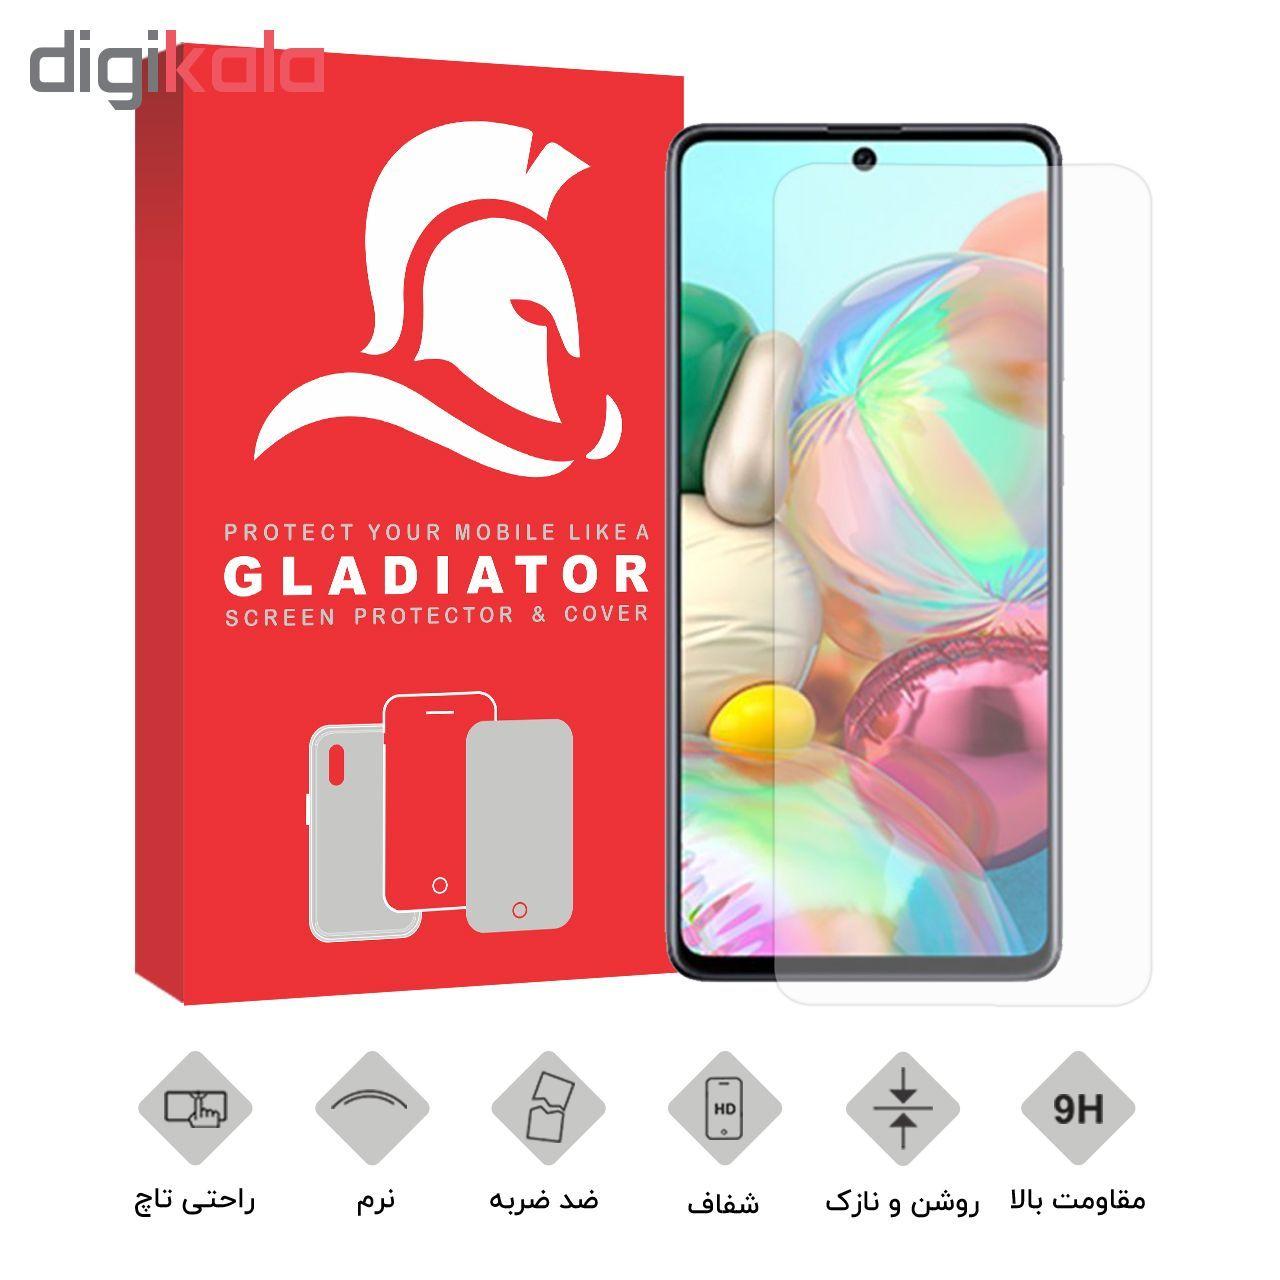 محافظ صفحه نمایش گلادیاتور مدل GLS1000 مناسب برای گوشی موبایل سامسونگ Galaxy A71 main 1 3